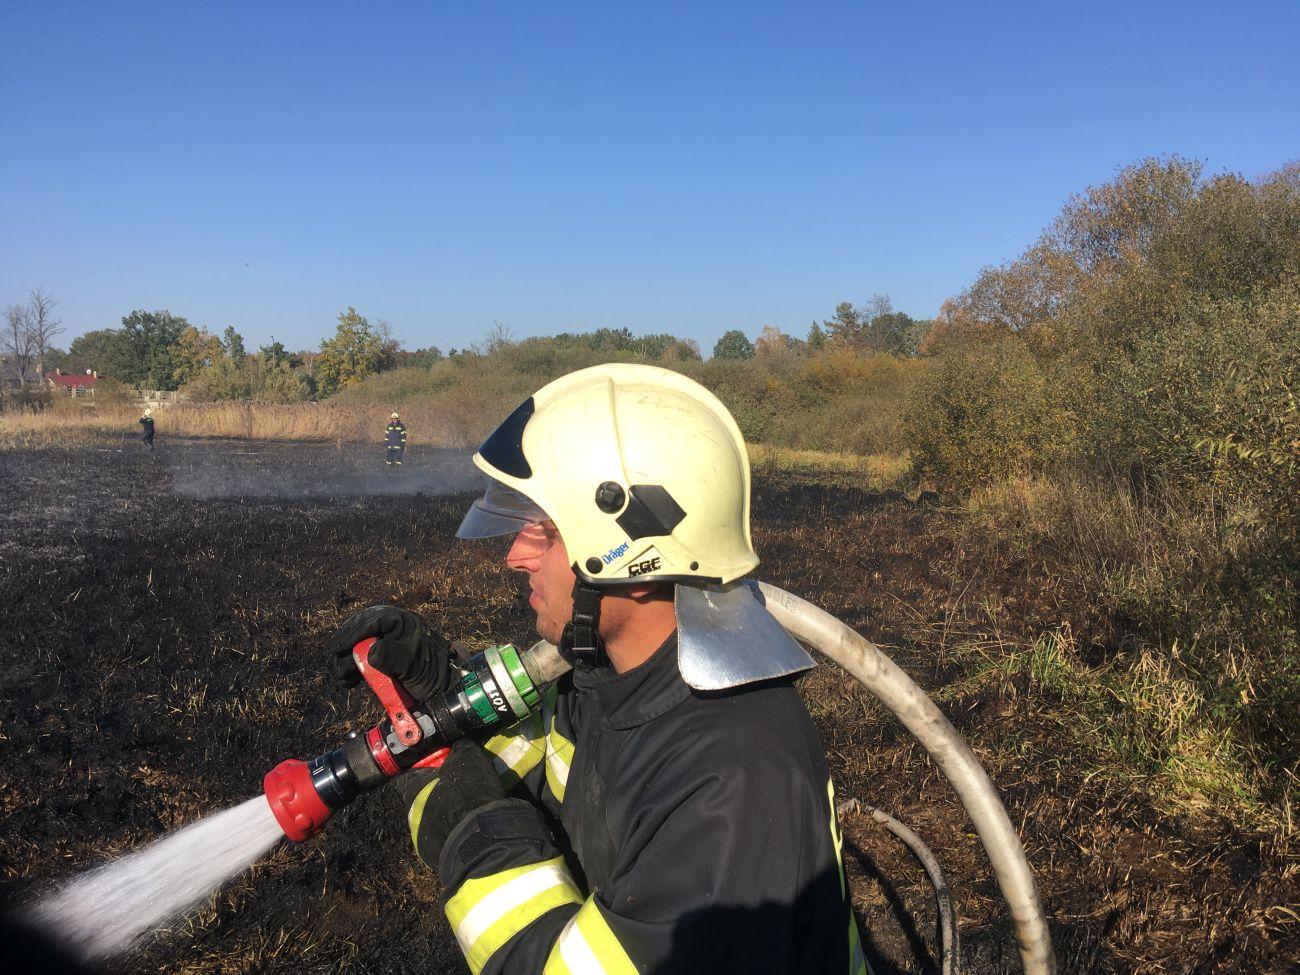 Požár rákosí rybníku Dvořiště ve Slověnicích